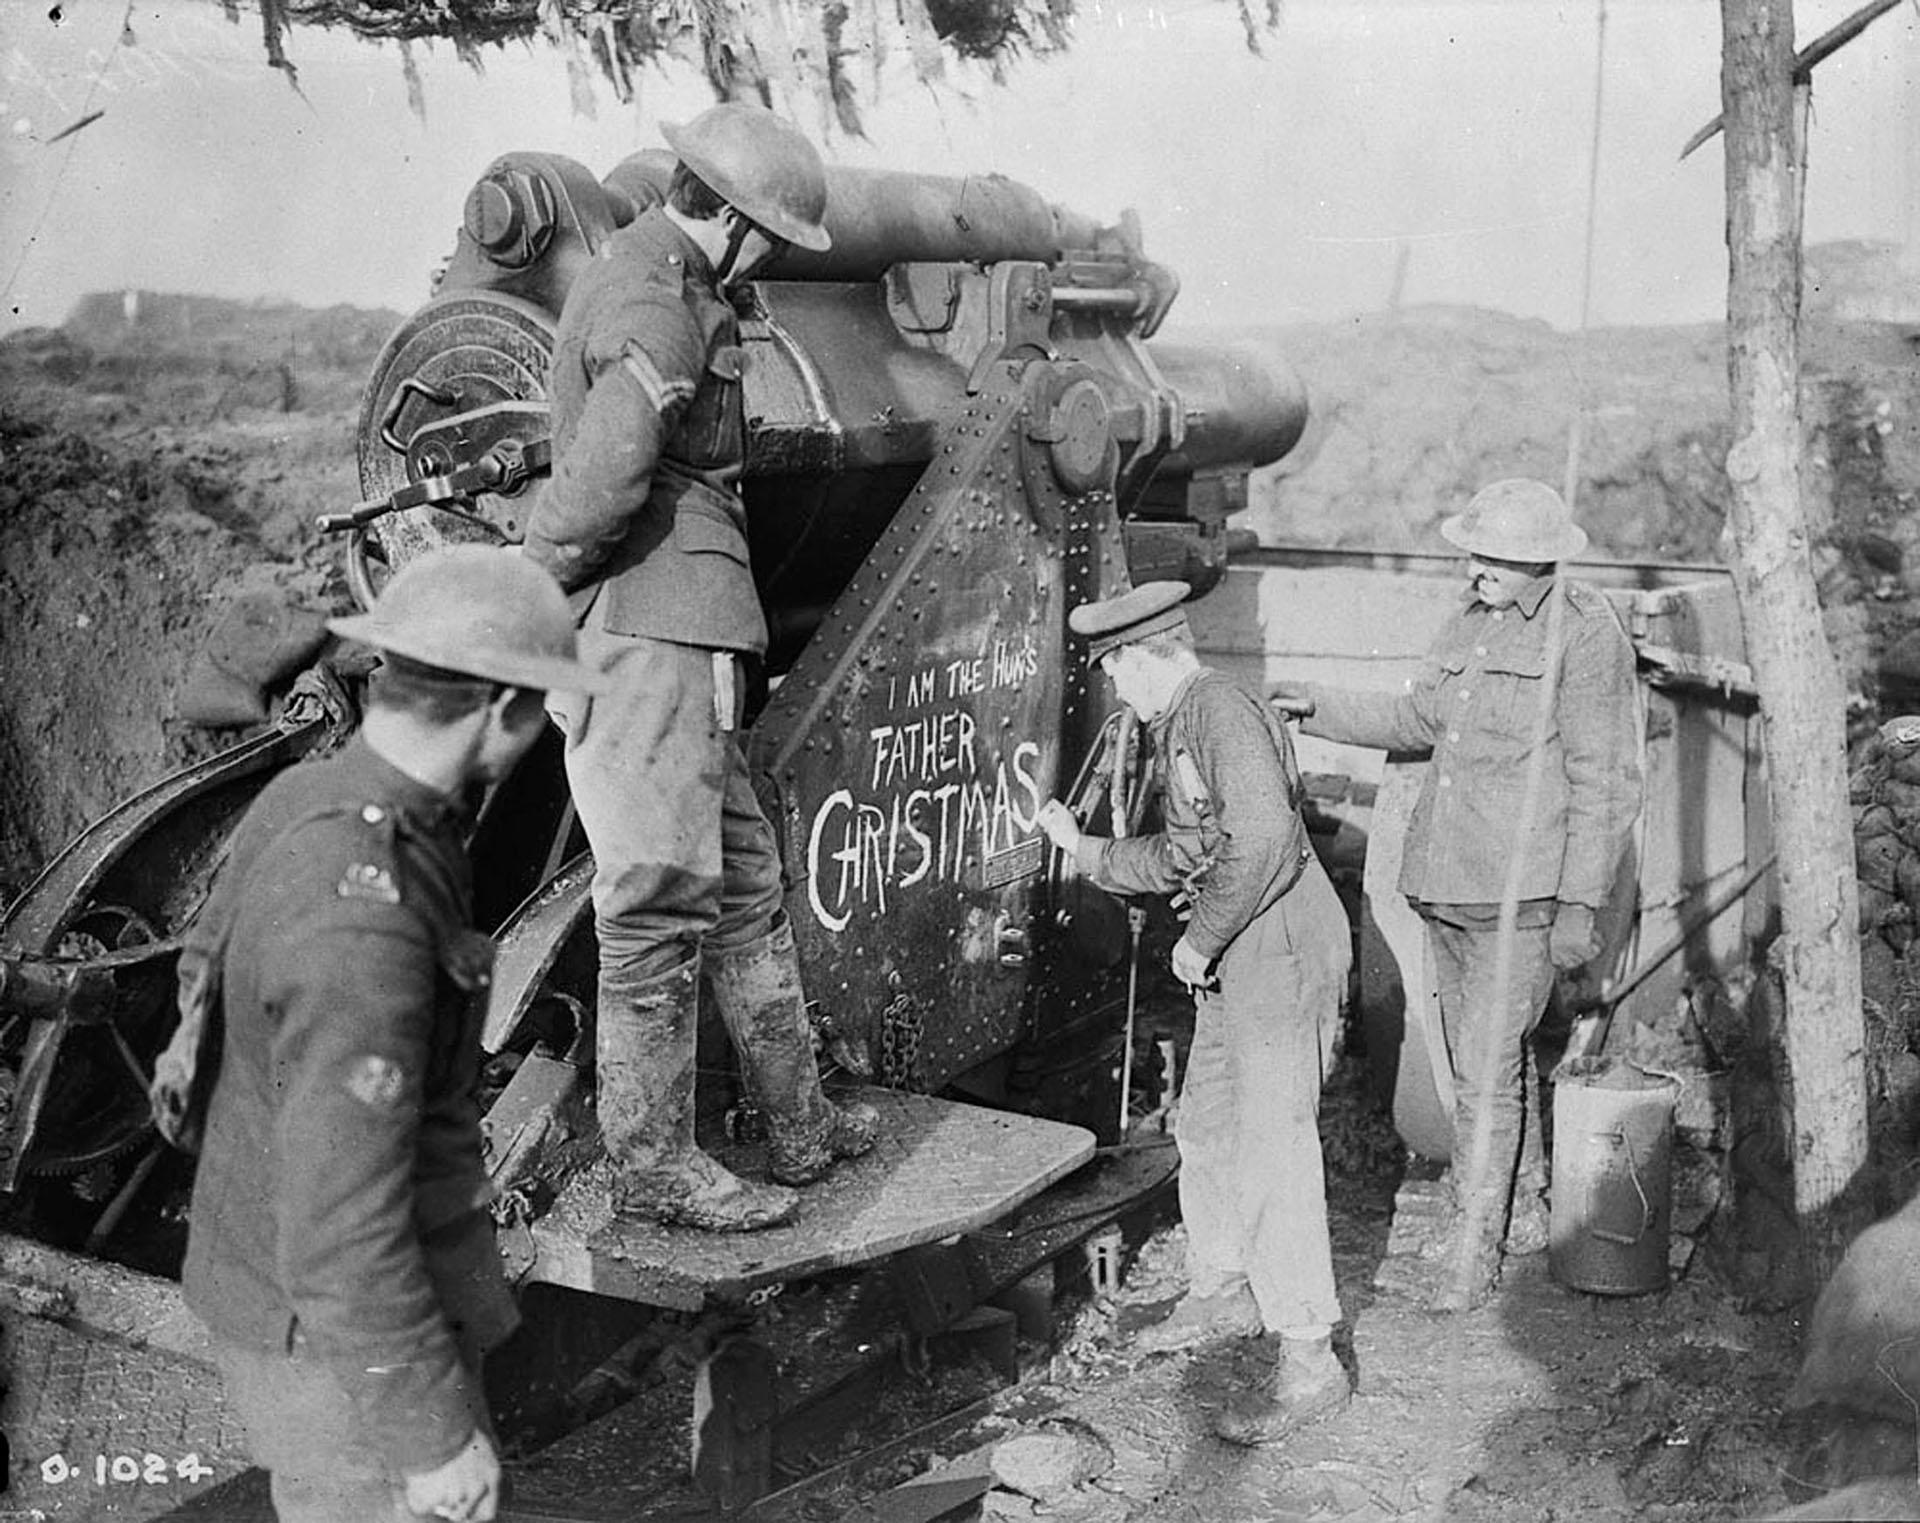 A principios de1916, el frente occidental de la Gran Guerra se encontraba en un punto muerto, con ambos bandos parapetados detrás de las trincheras. El ataque de las fuerzas alemanas sobre Verdún el 21 de febrero de 1916 amenazó con destruir ese equilibrio de fuerzas. Los aliados decidieron contraatacar. La respuesta fue la batalla del Somme (Reuters)